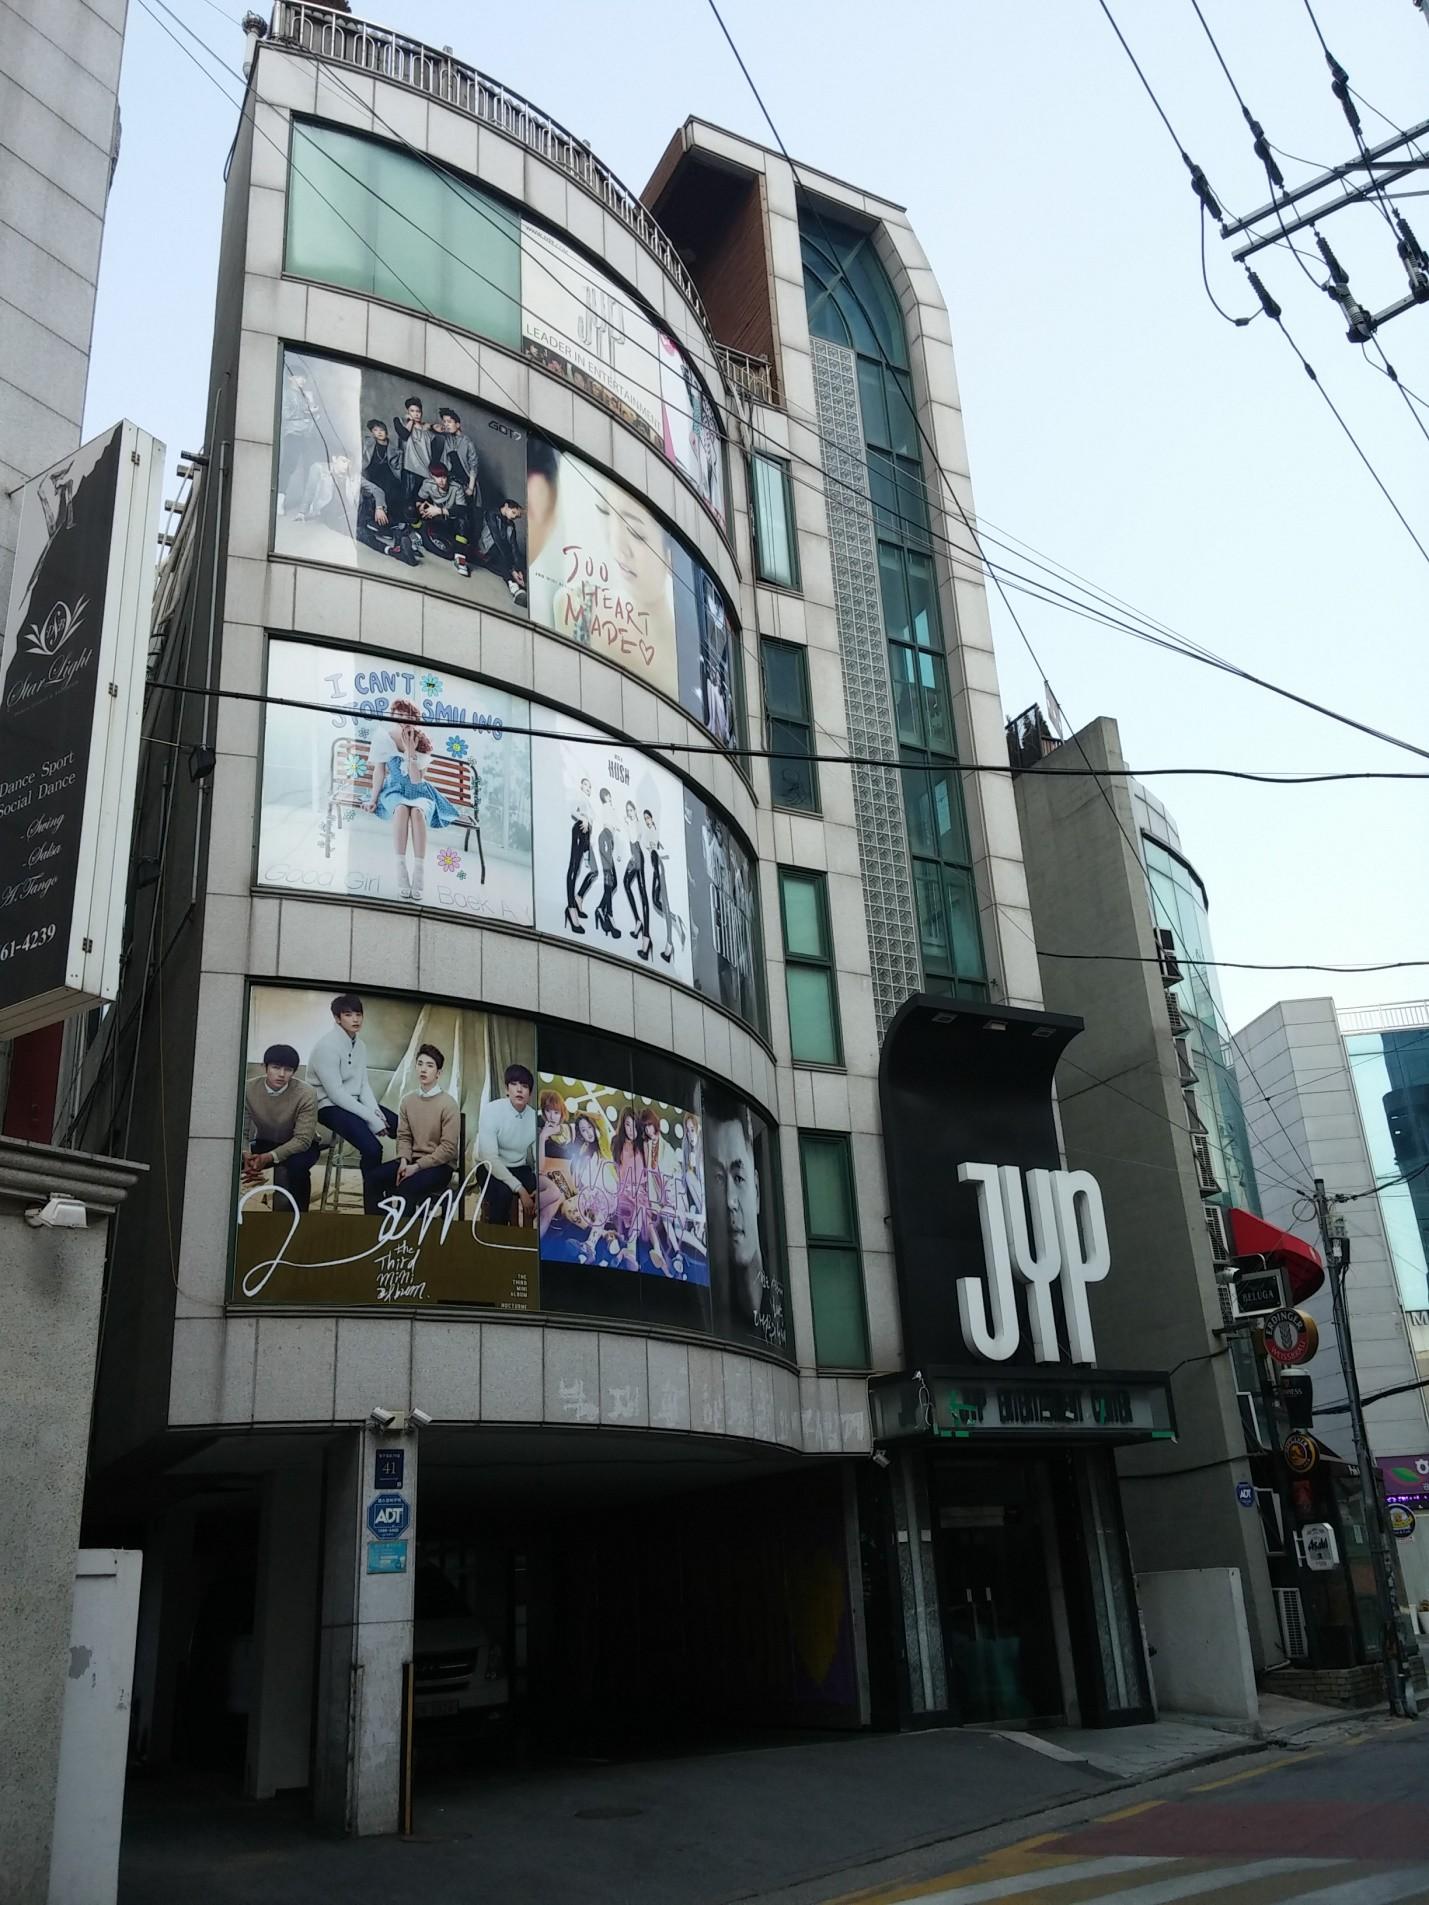 Điểm danh những điểm du lịch được fan Kpop yêu thích nhất Hàn Quốc - Ảnh 12.